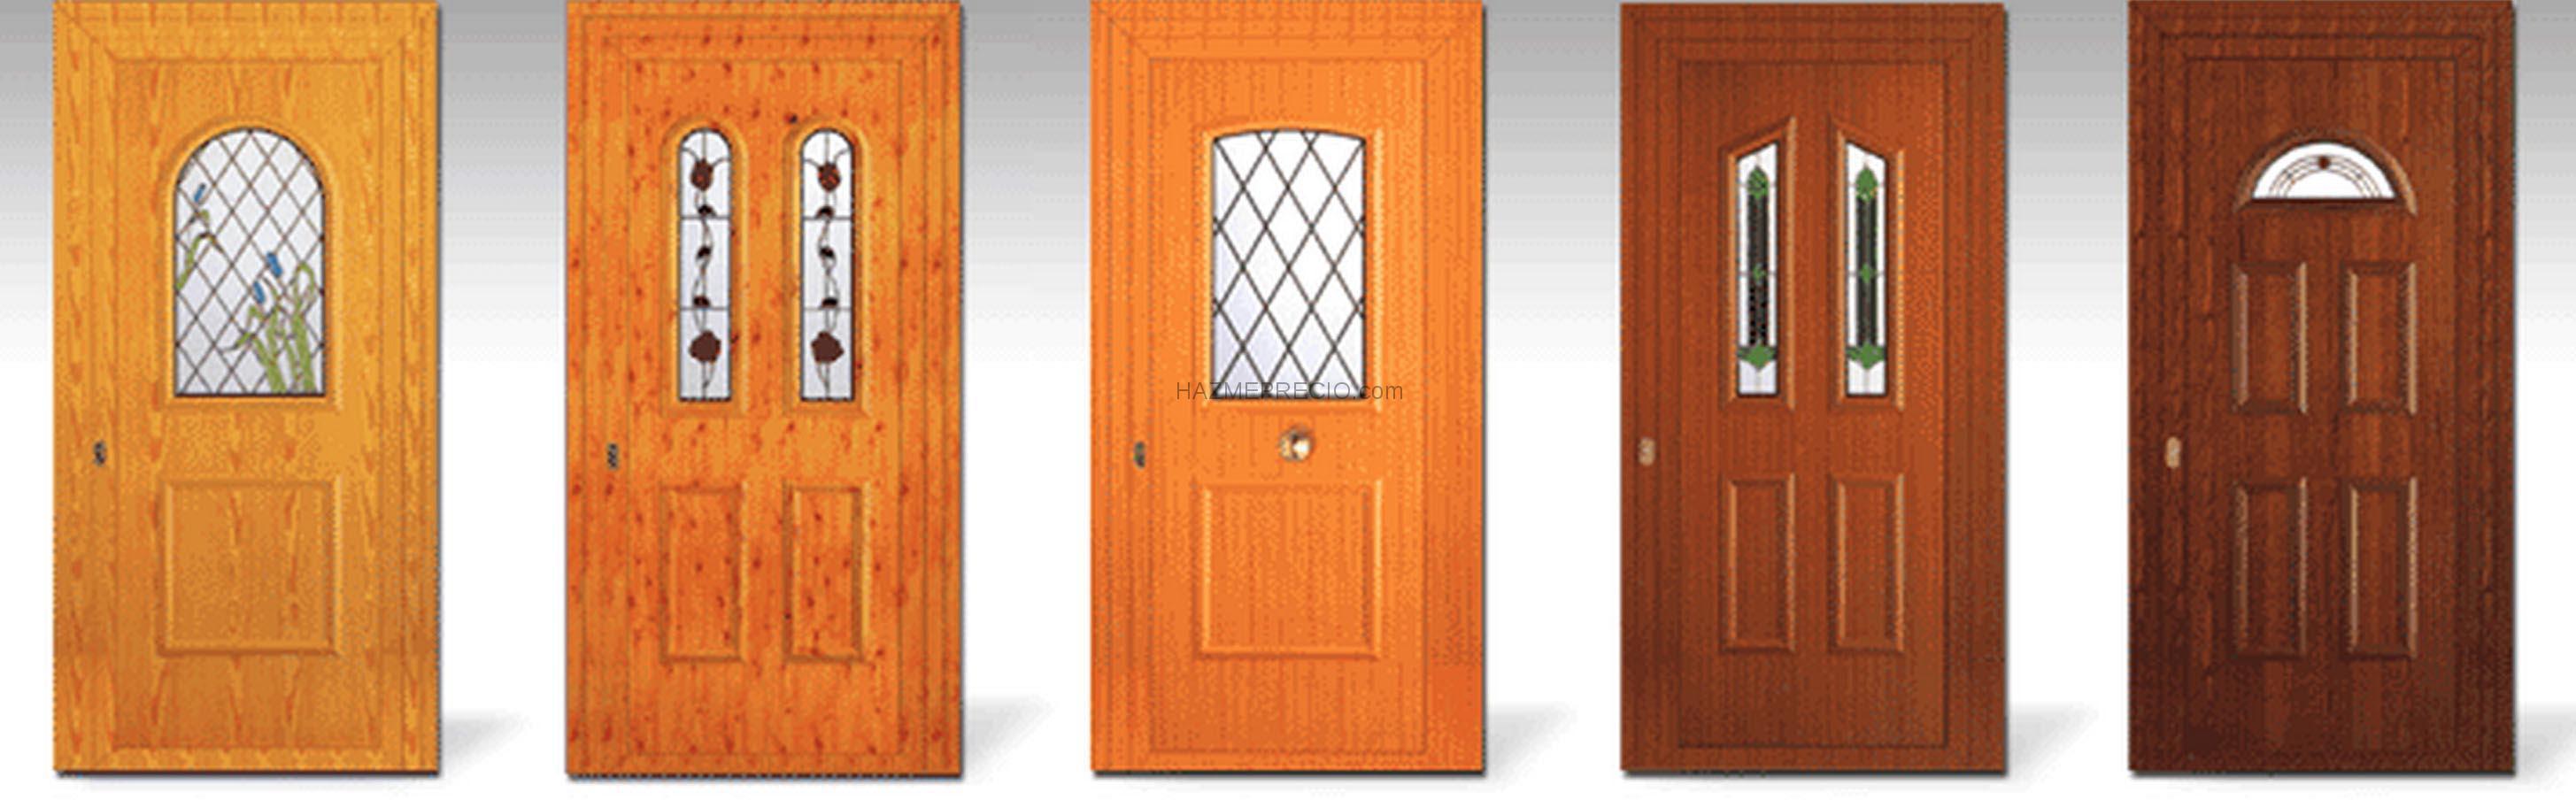 Imagenes de puertas de aluminio para ba o - Fotos para puertas ...